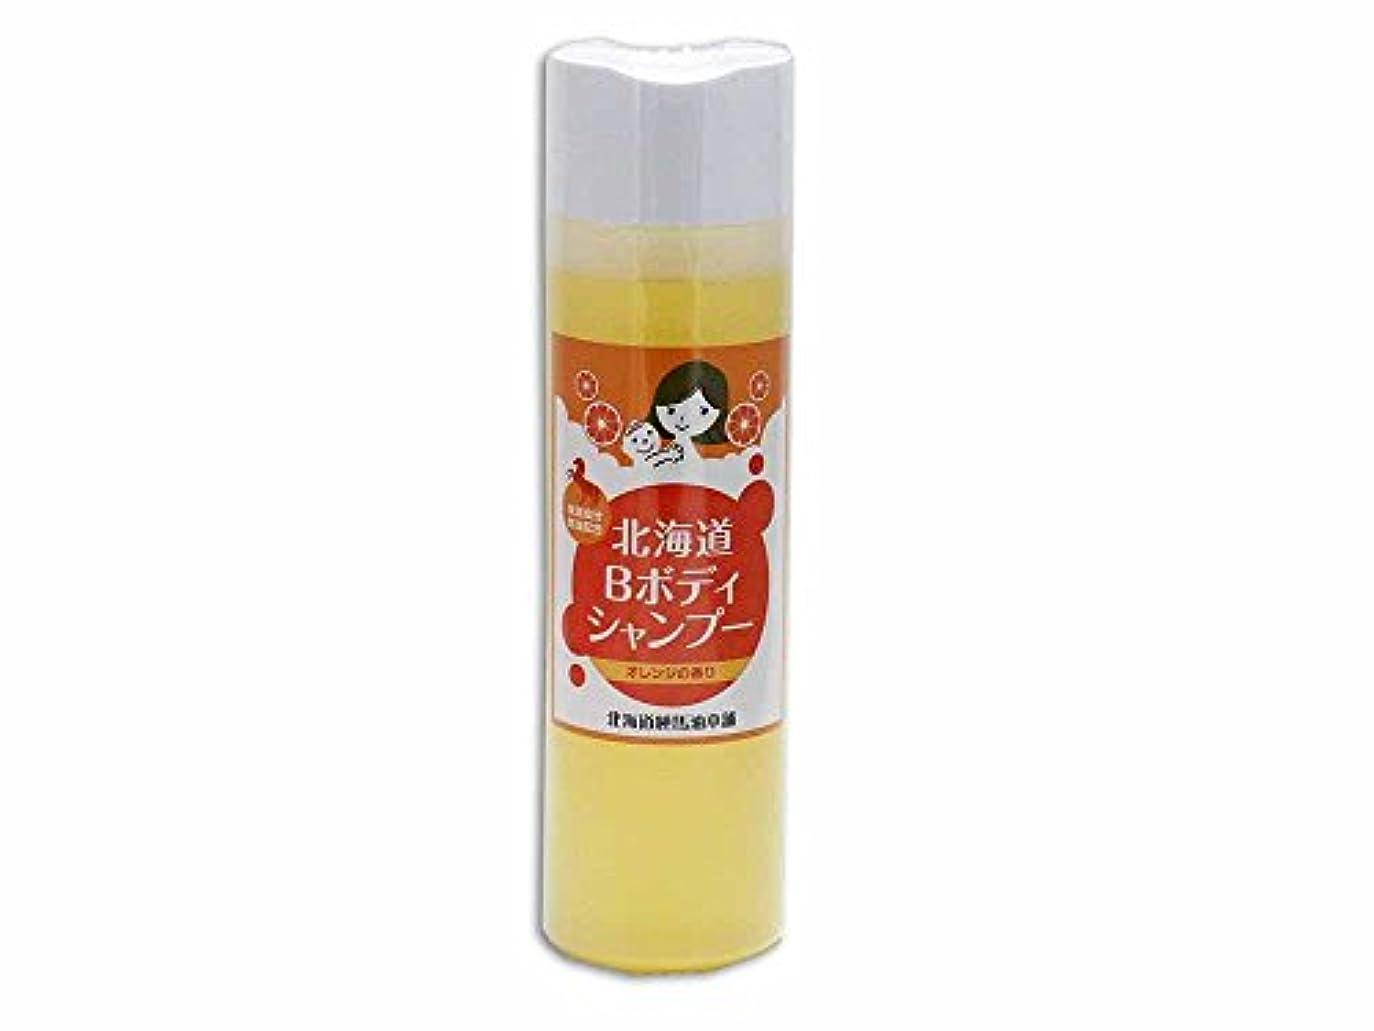 弾性清めるホール北海道 馬油ボディソープ 【保湿成分馬油配合】300ml (オレンジ)